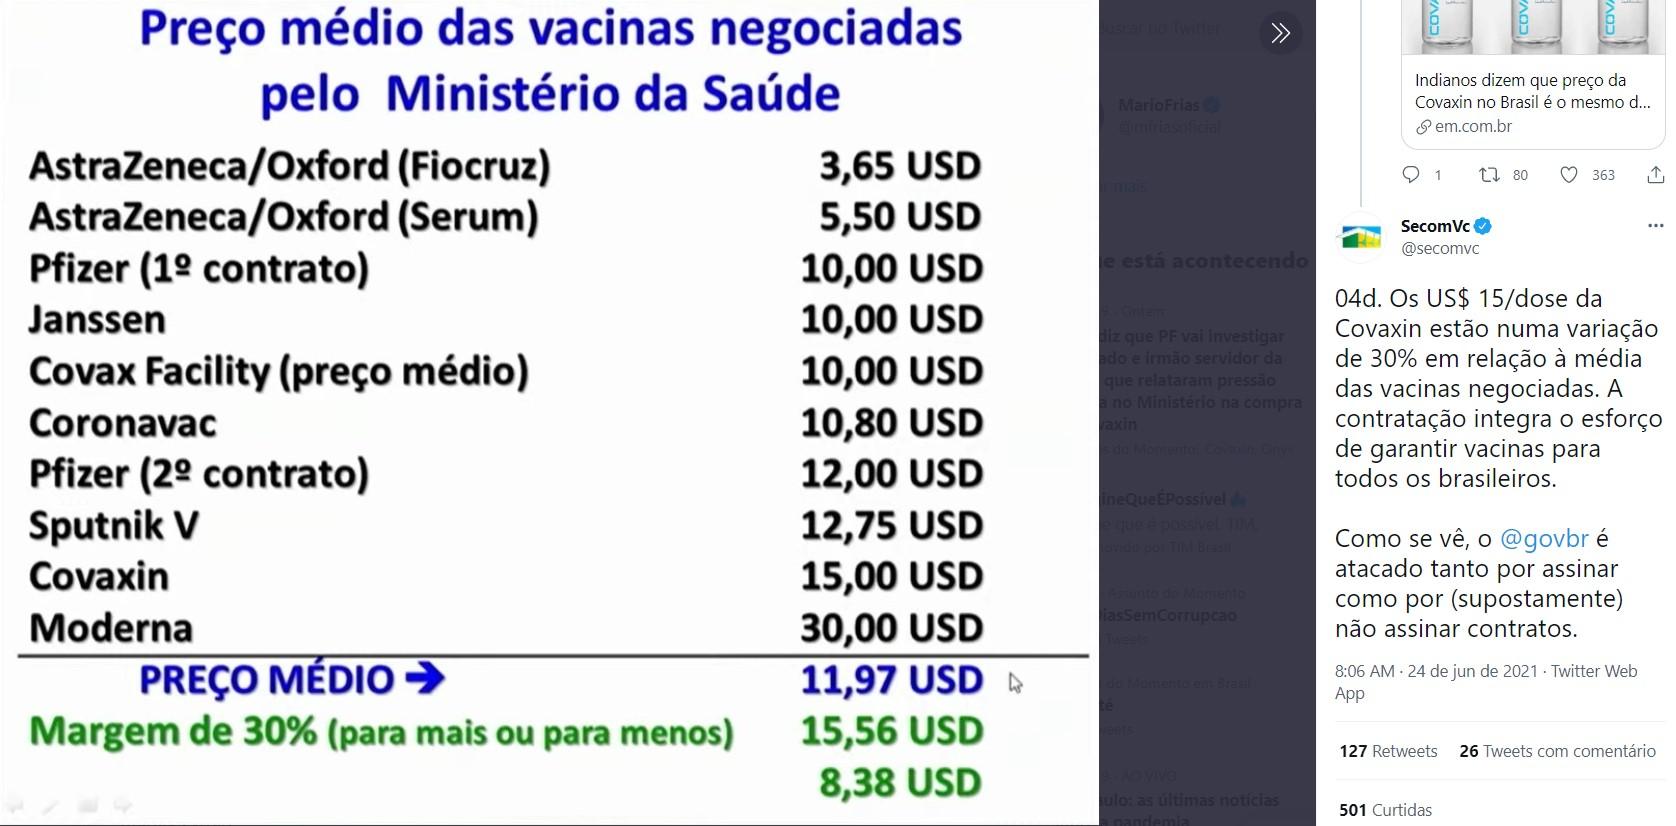 Secom diz que valor pago pela Covaxin está dentro de variação de 30%